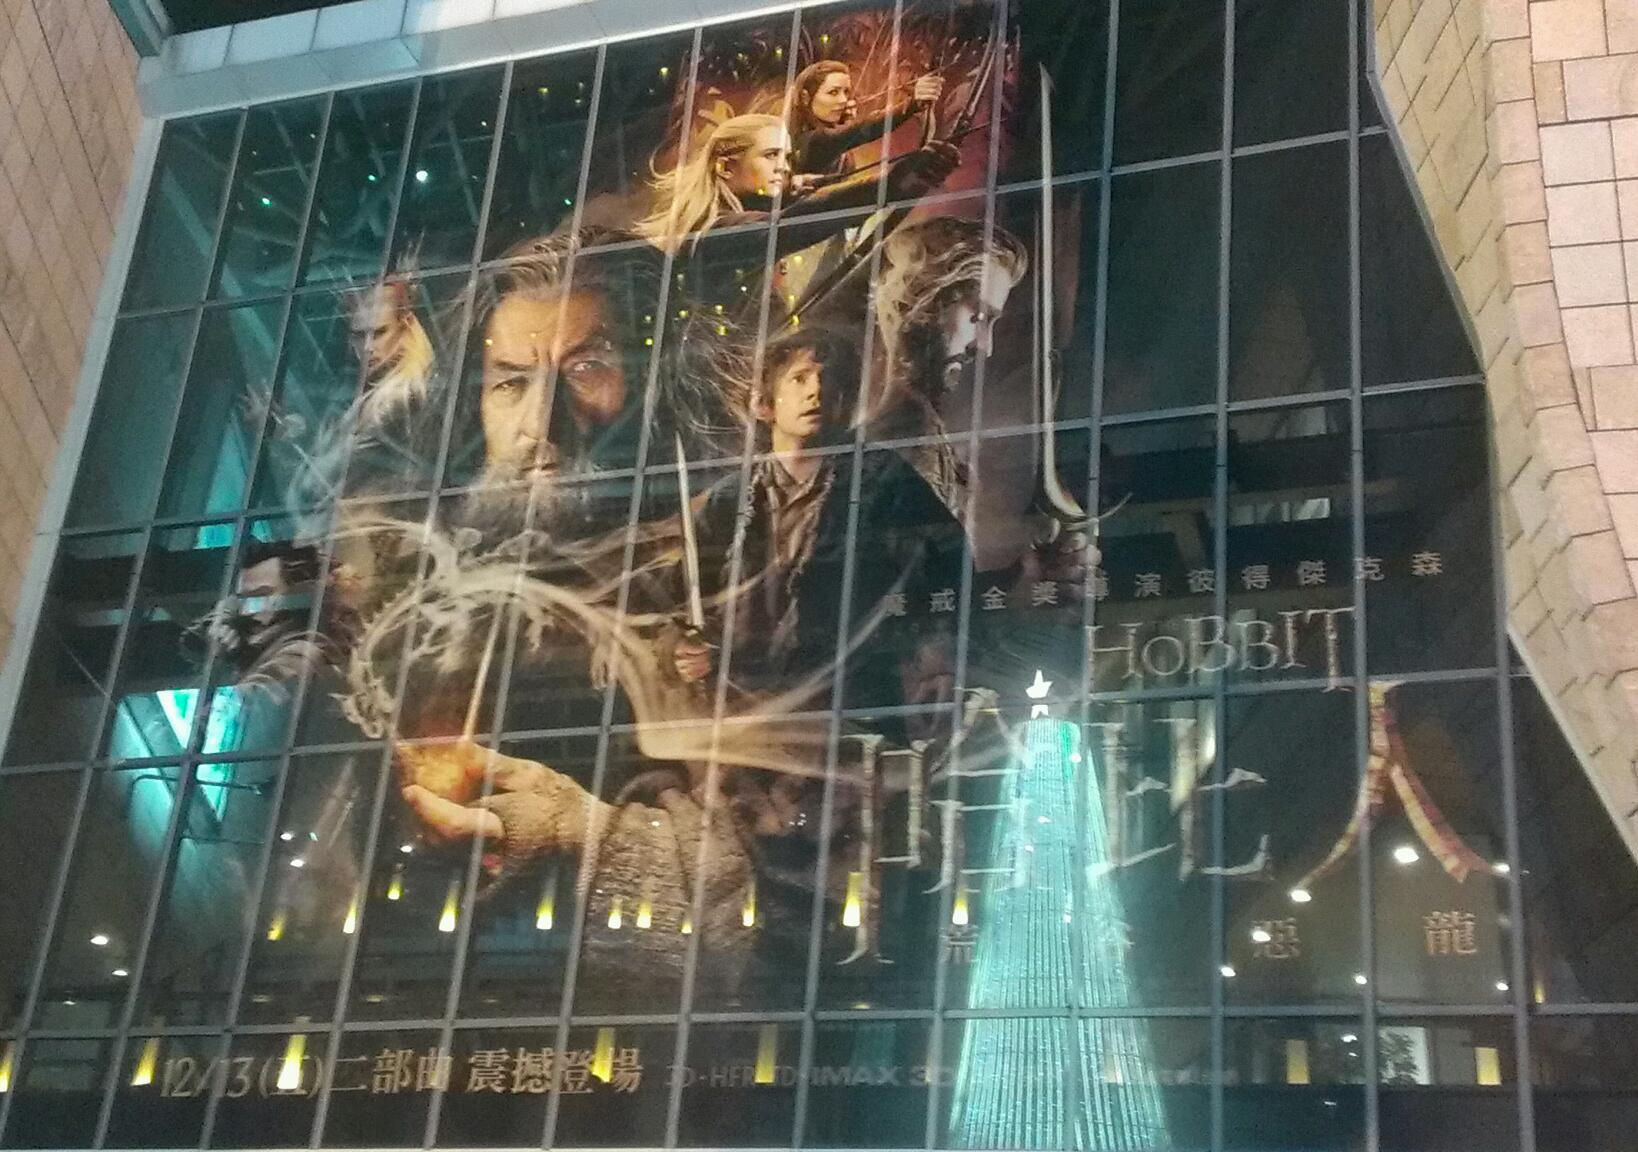 『ホビット 竜に奪われた王国』を観に台北へ行ってきた 美麗華大直影城(ミラマーシネマ) IMAX,3D,HFR編